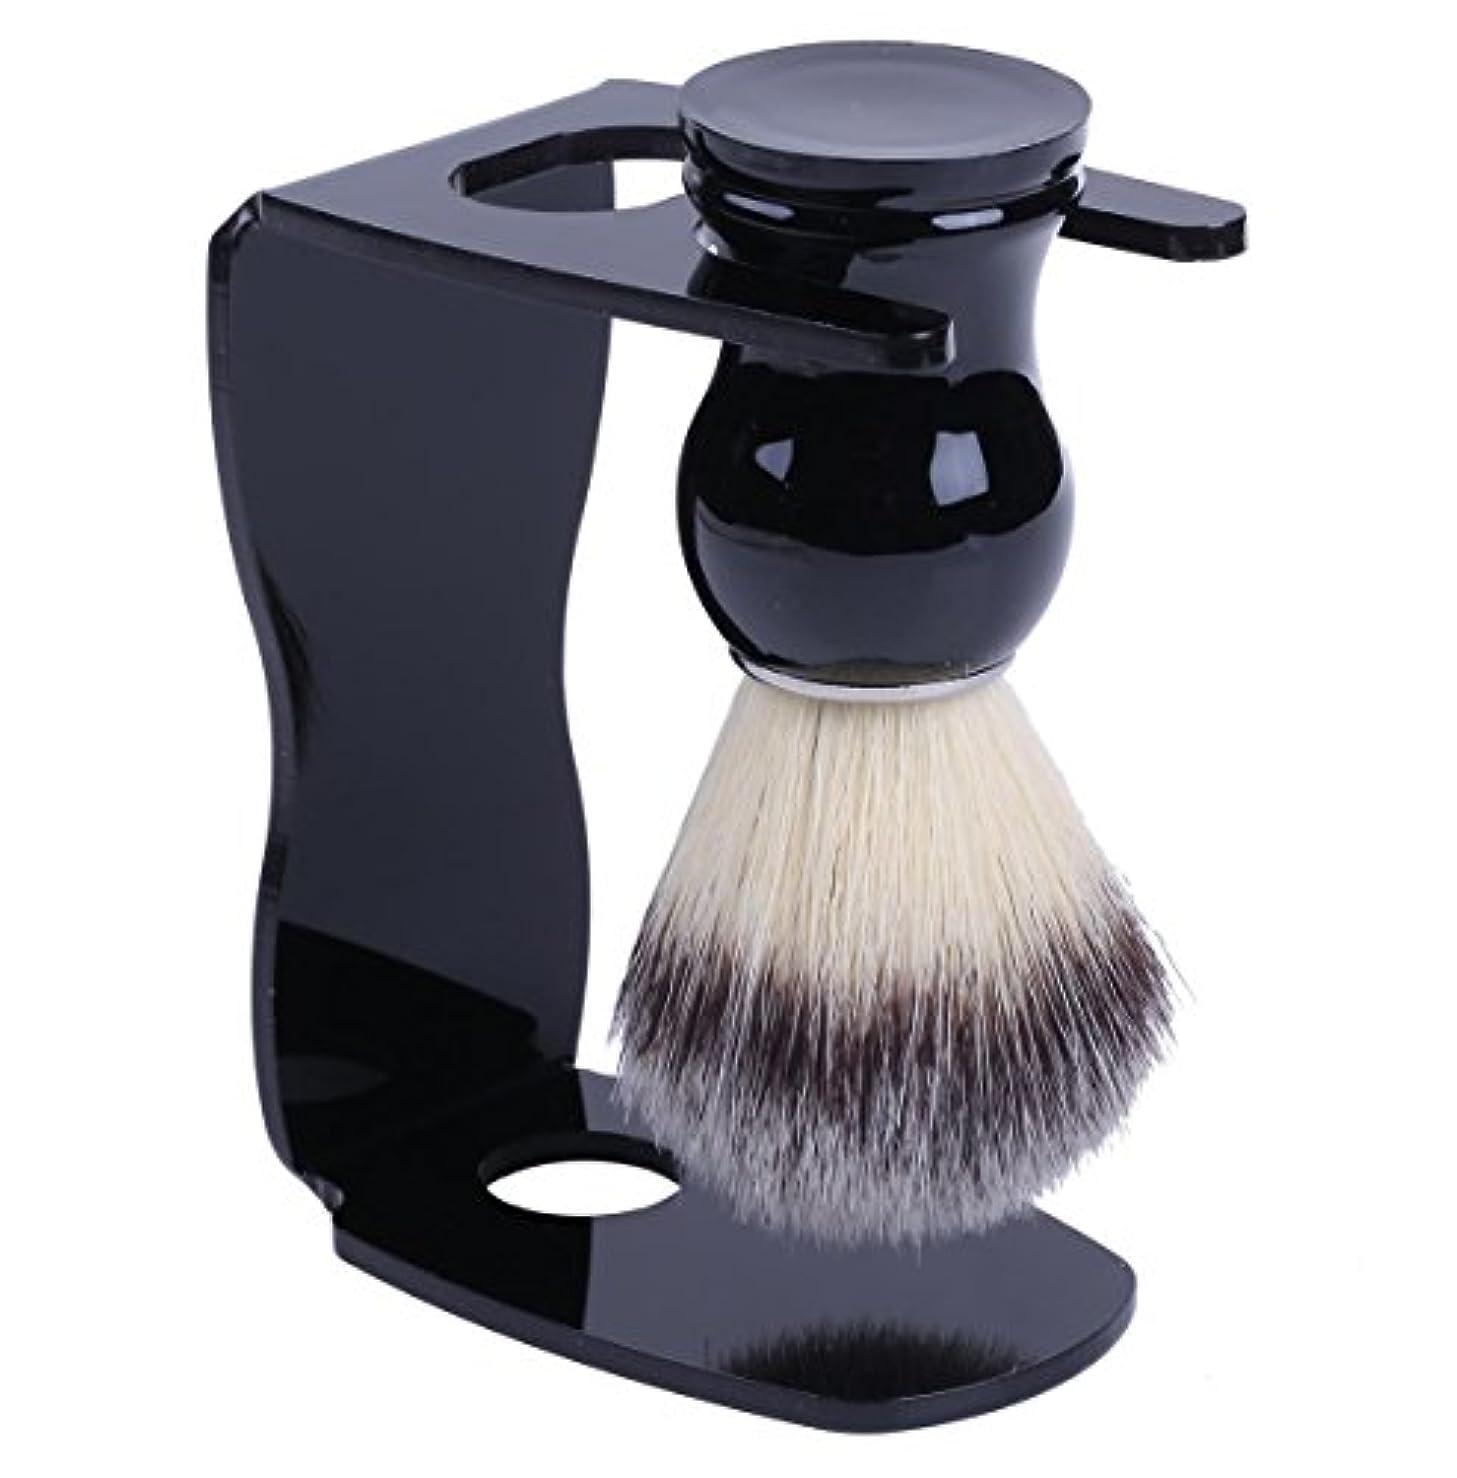 幻想的欠かせない震える泡立ちが違う アナグマ 毛100% スタンド付き シェービング ブラシ /髭剃り 洗顔 理容 マッサージ 美容 効果